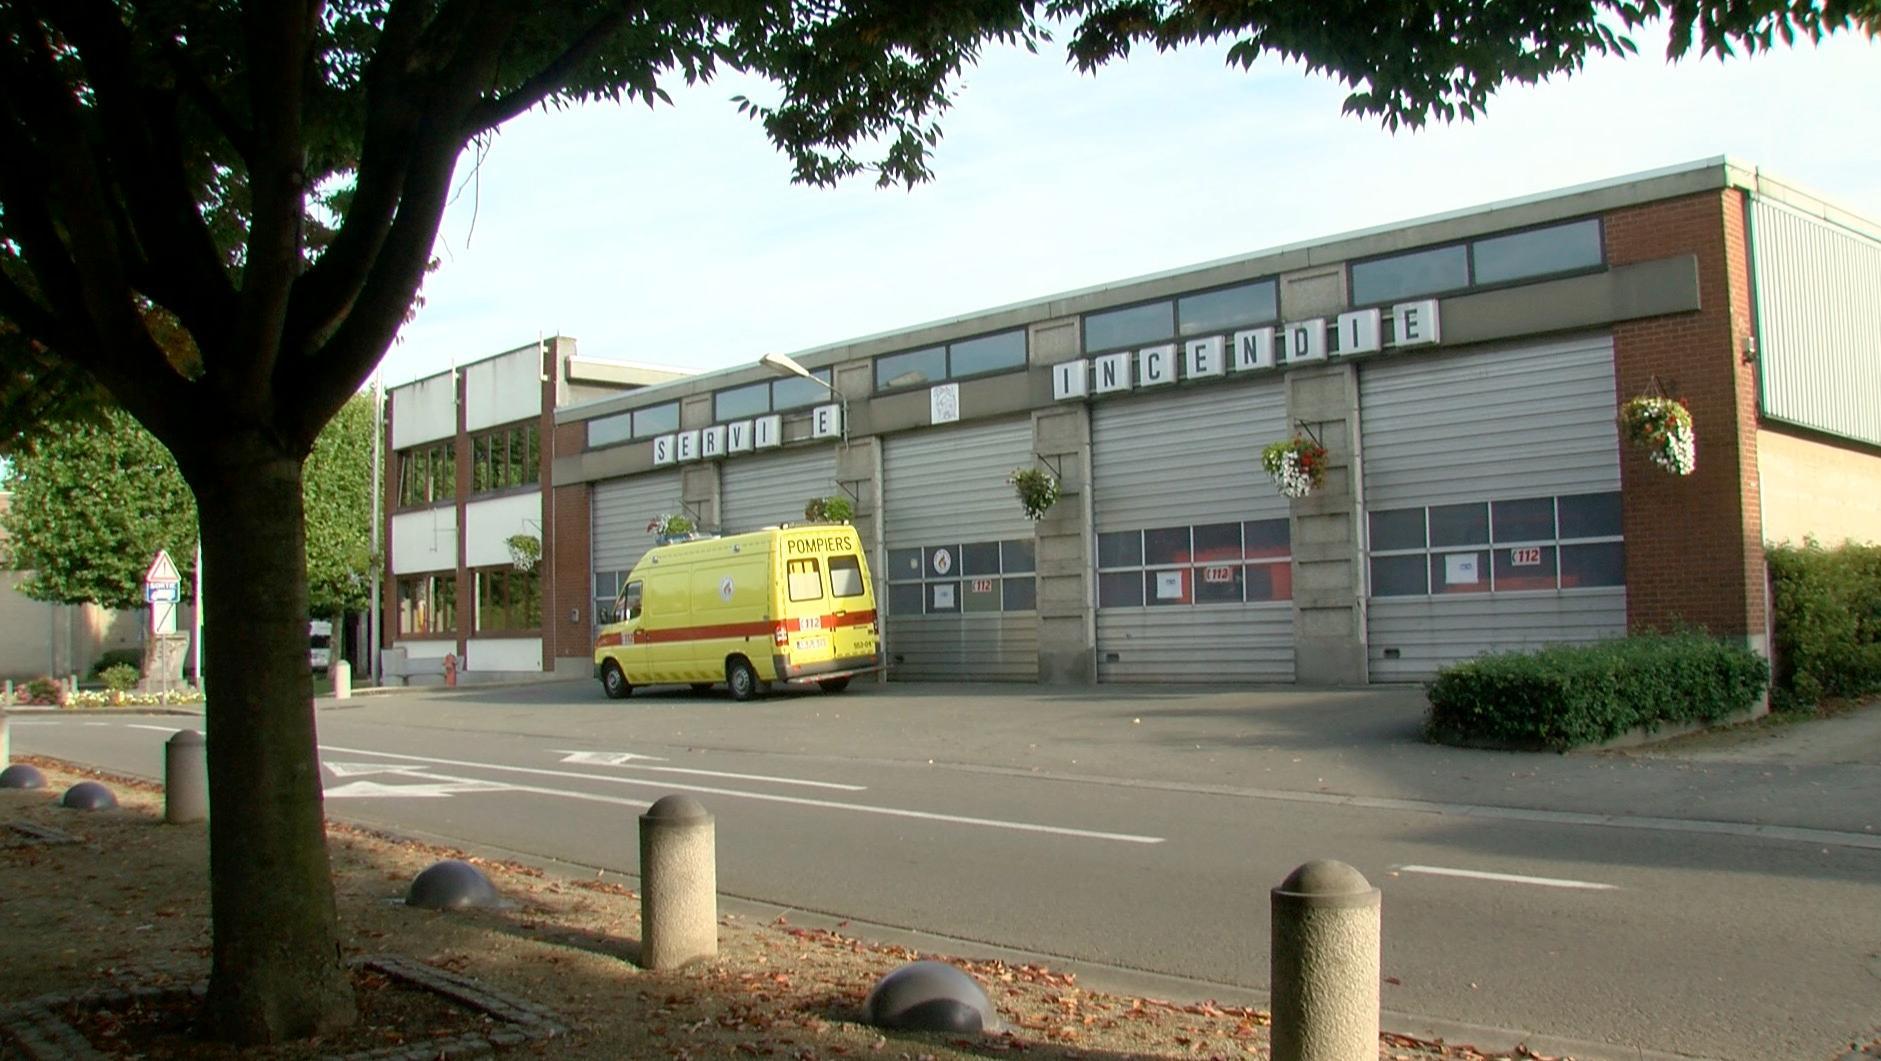 Cambriolage à la caserne des pompiers: du matériel et des milliers d'euros volés